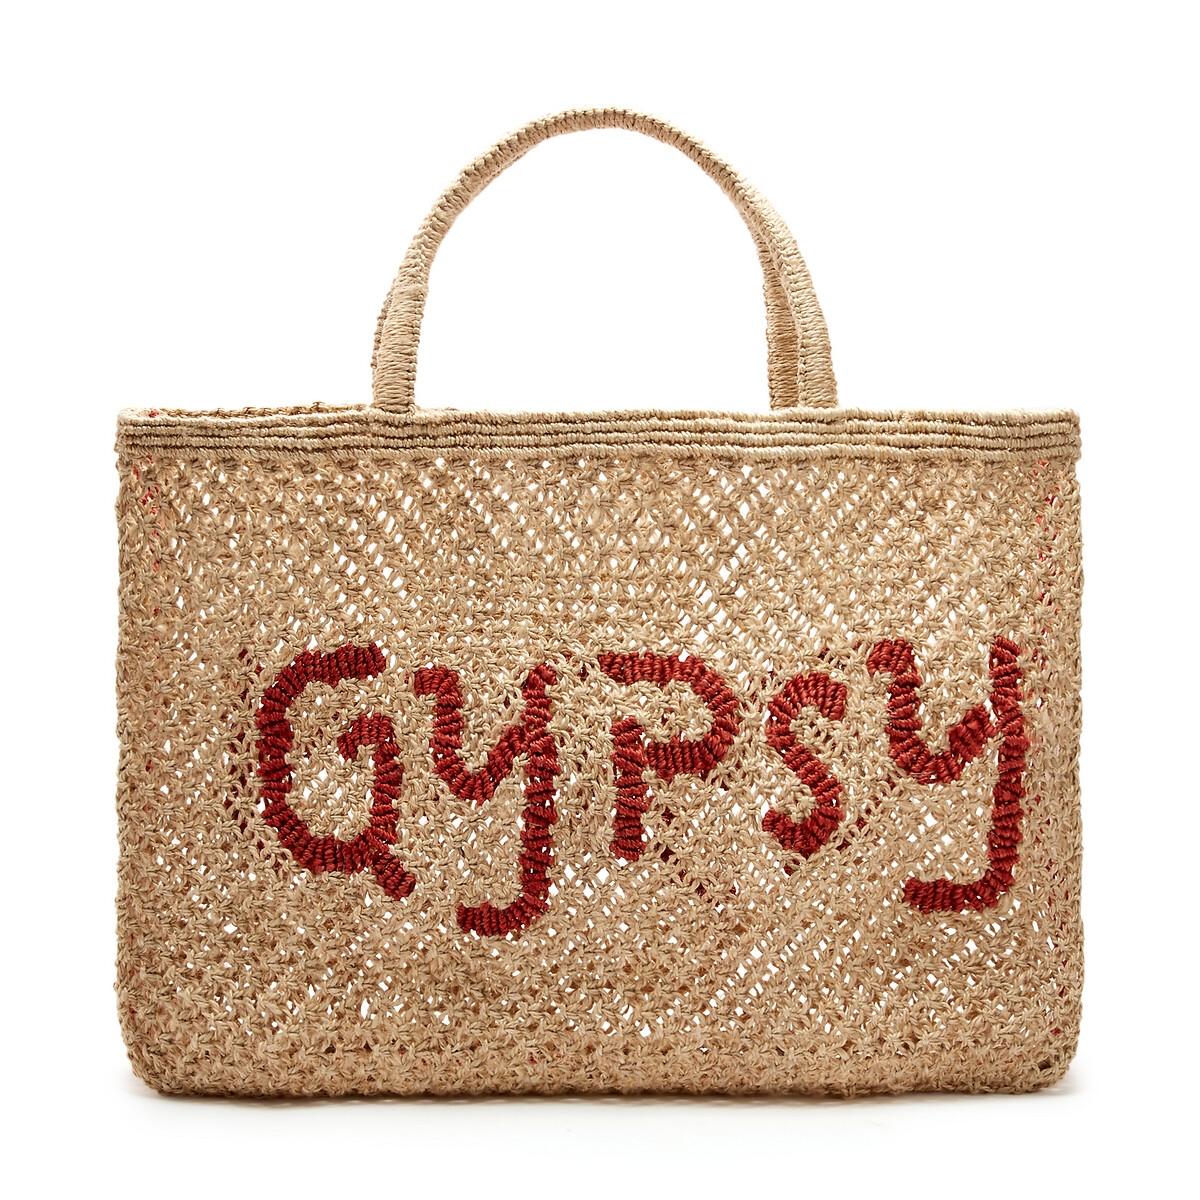 Сумка-шоппер La Redoute Из джута с надписью GYPSY единый размер бежевый зеркало la redoute д x в см principe единый размер бежевый